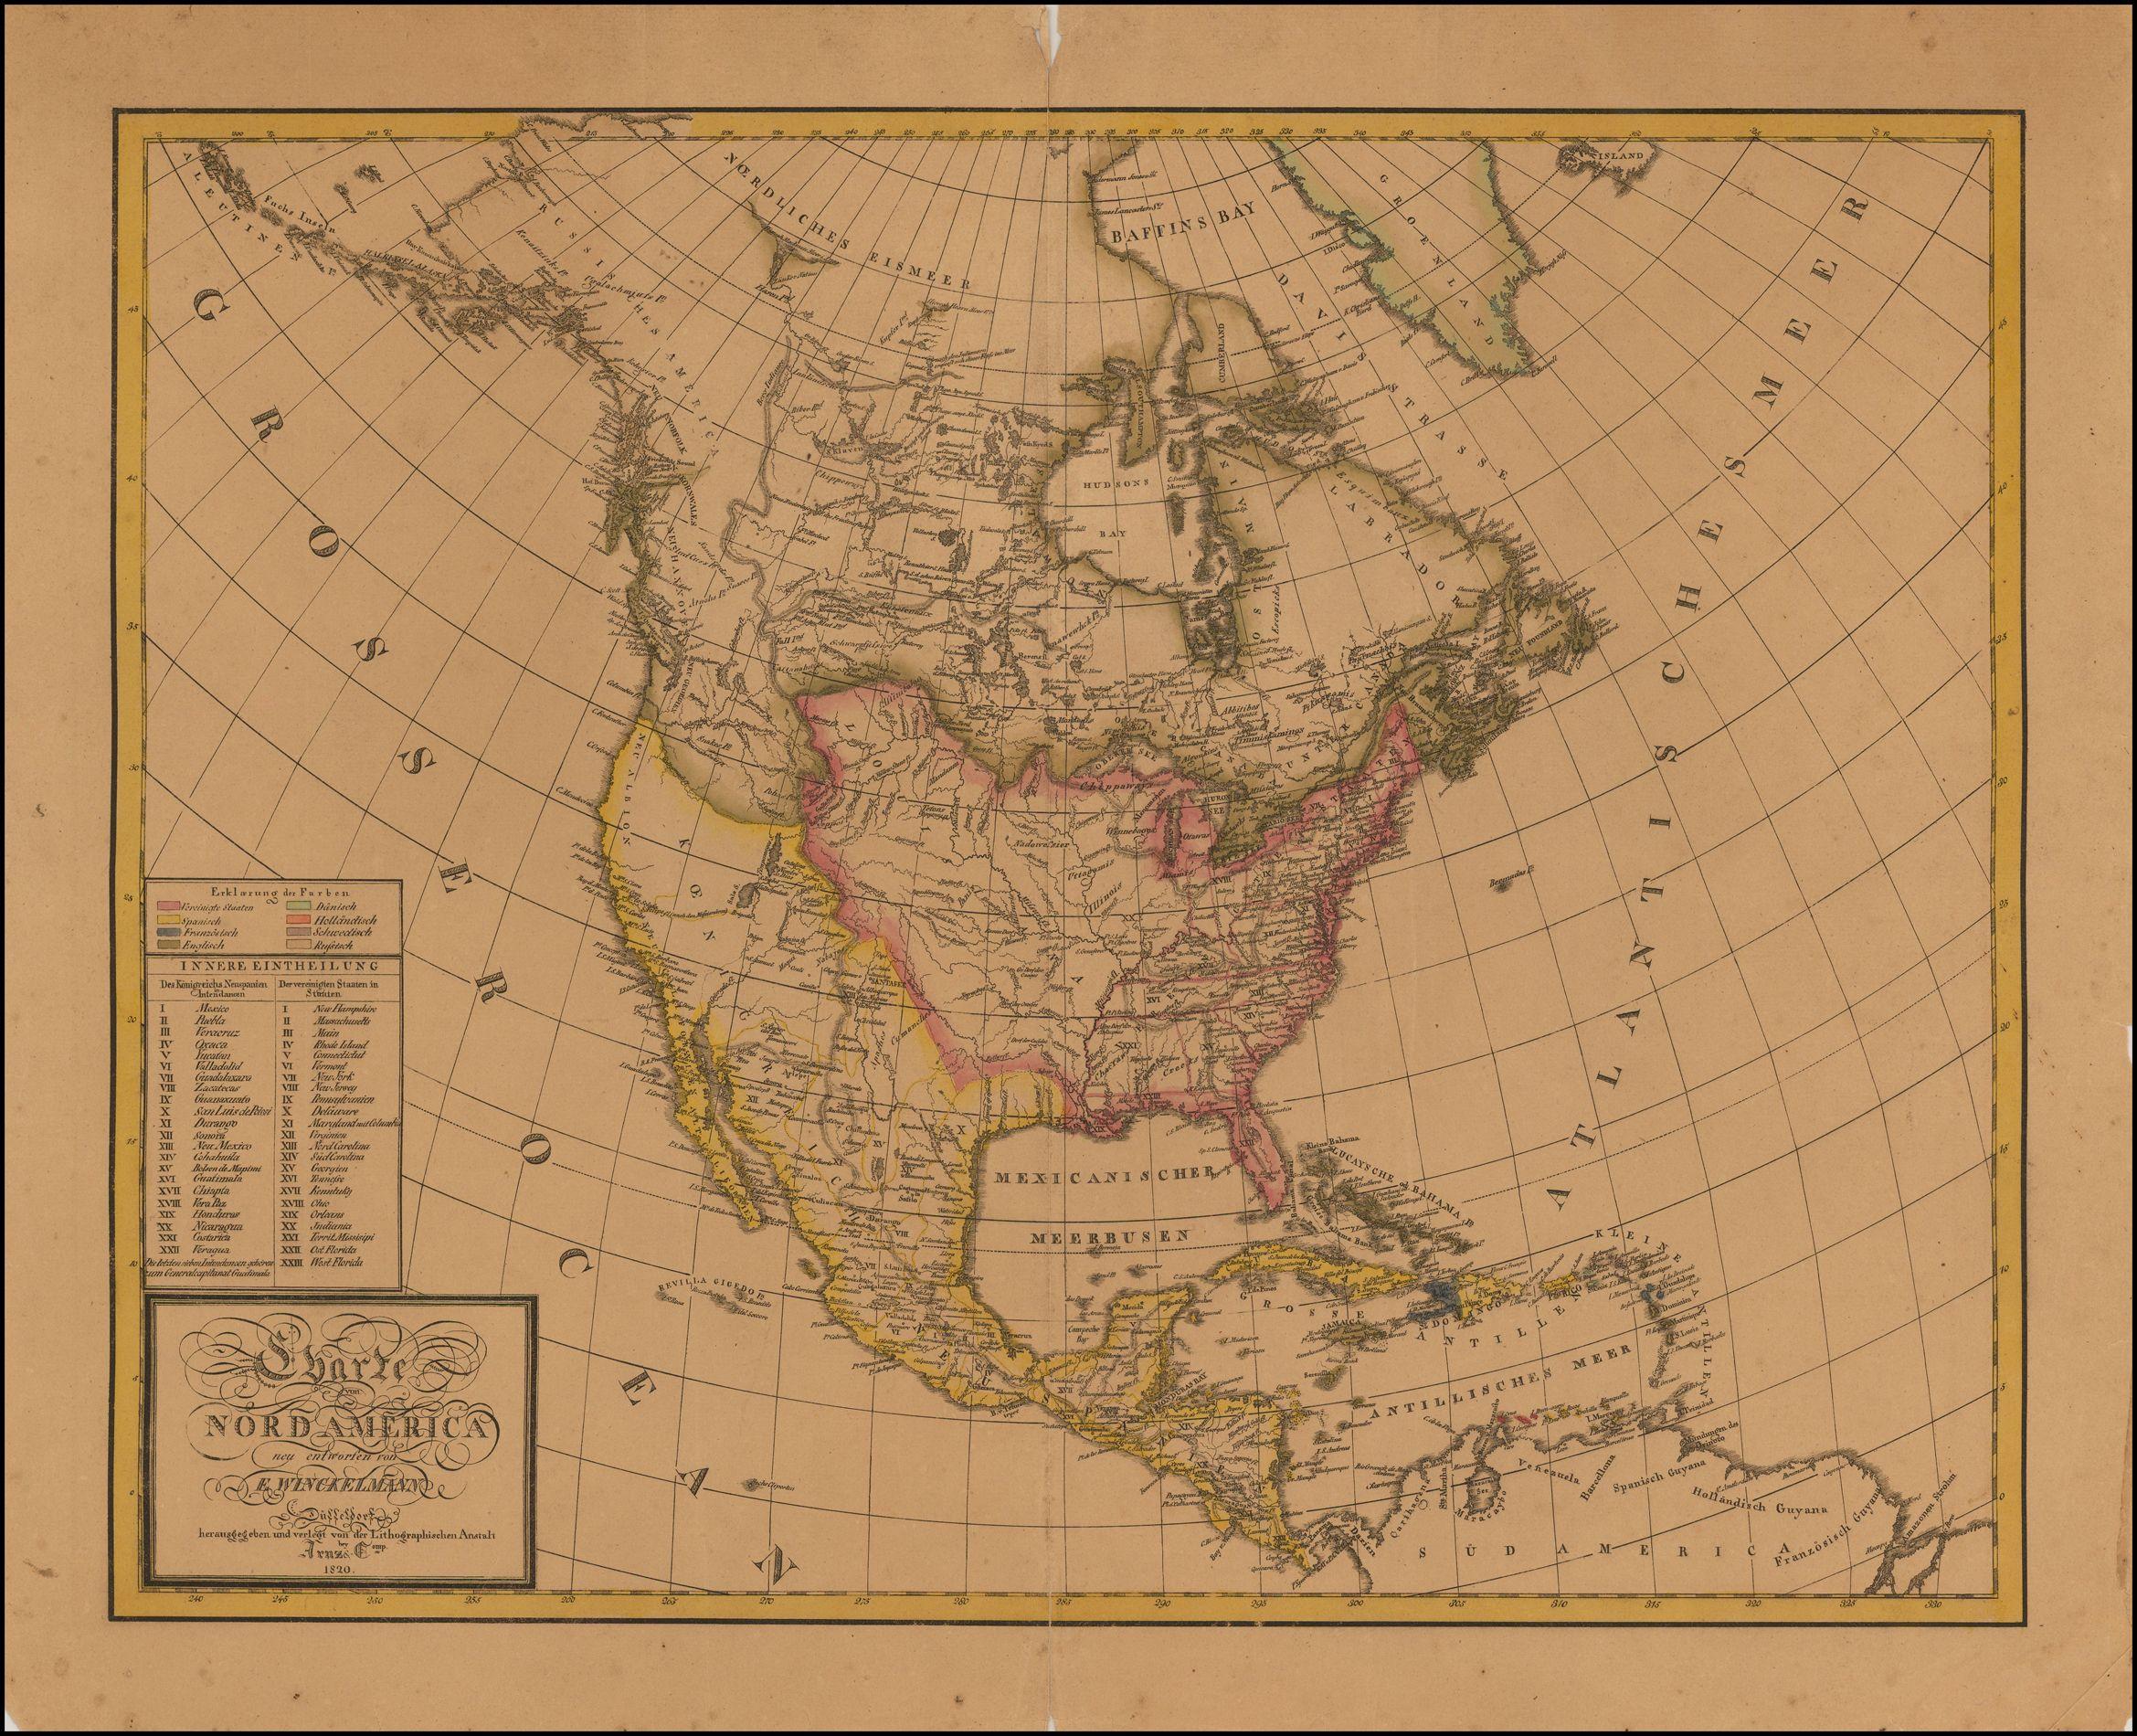 Charte von Nord America neu entworfen von E. Winckelmann . . . 1820